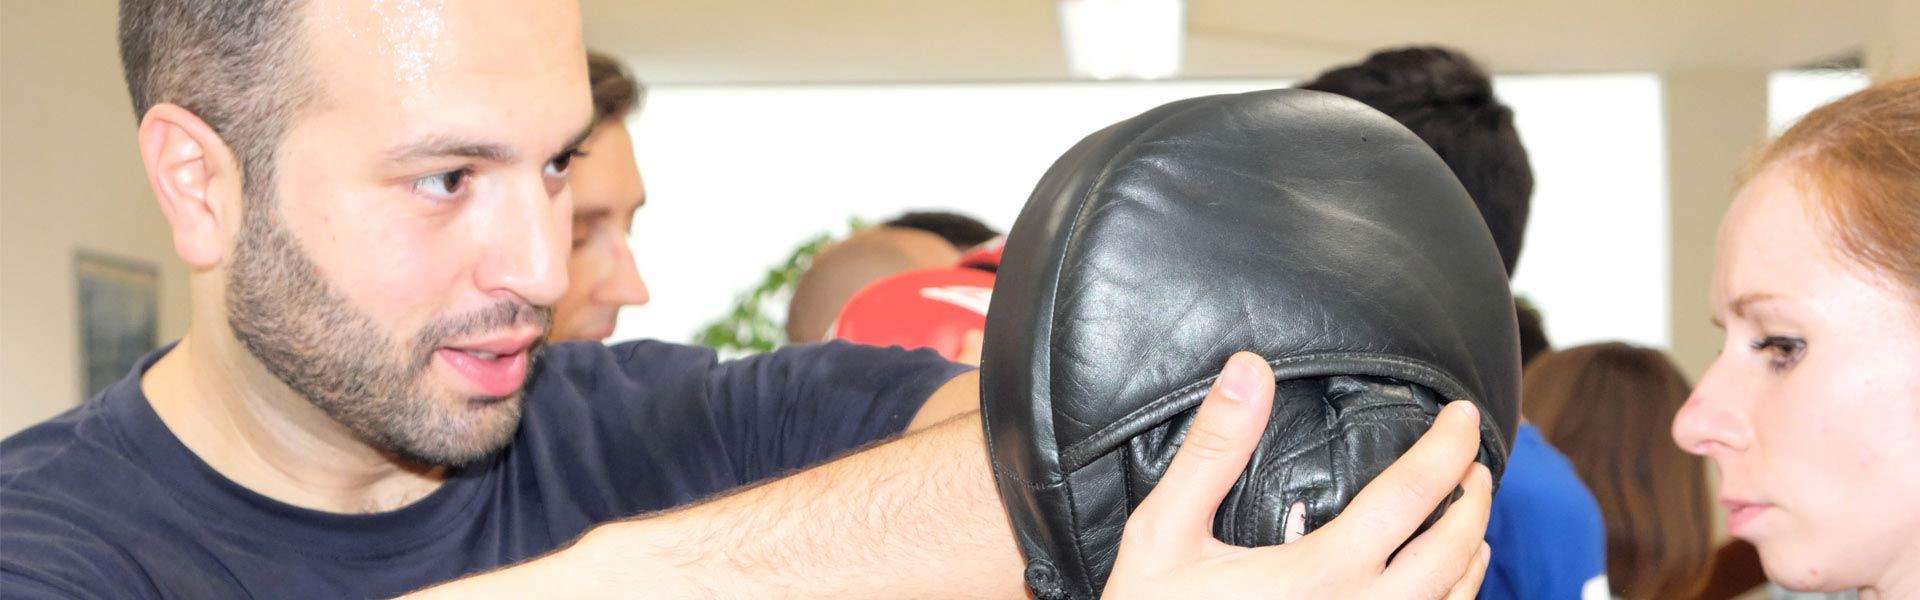 Kampfkunst, Ludwigshafen am Rhein, Selbstverteidigung, Wing Tzun, Wing Tsun, Wing Chun, Fachschule für Selbstverteidigung LU